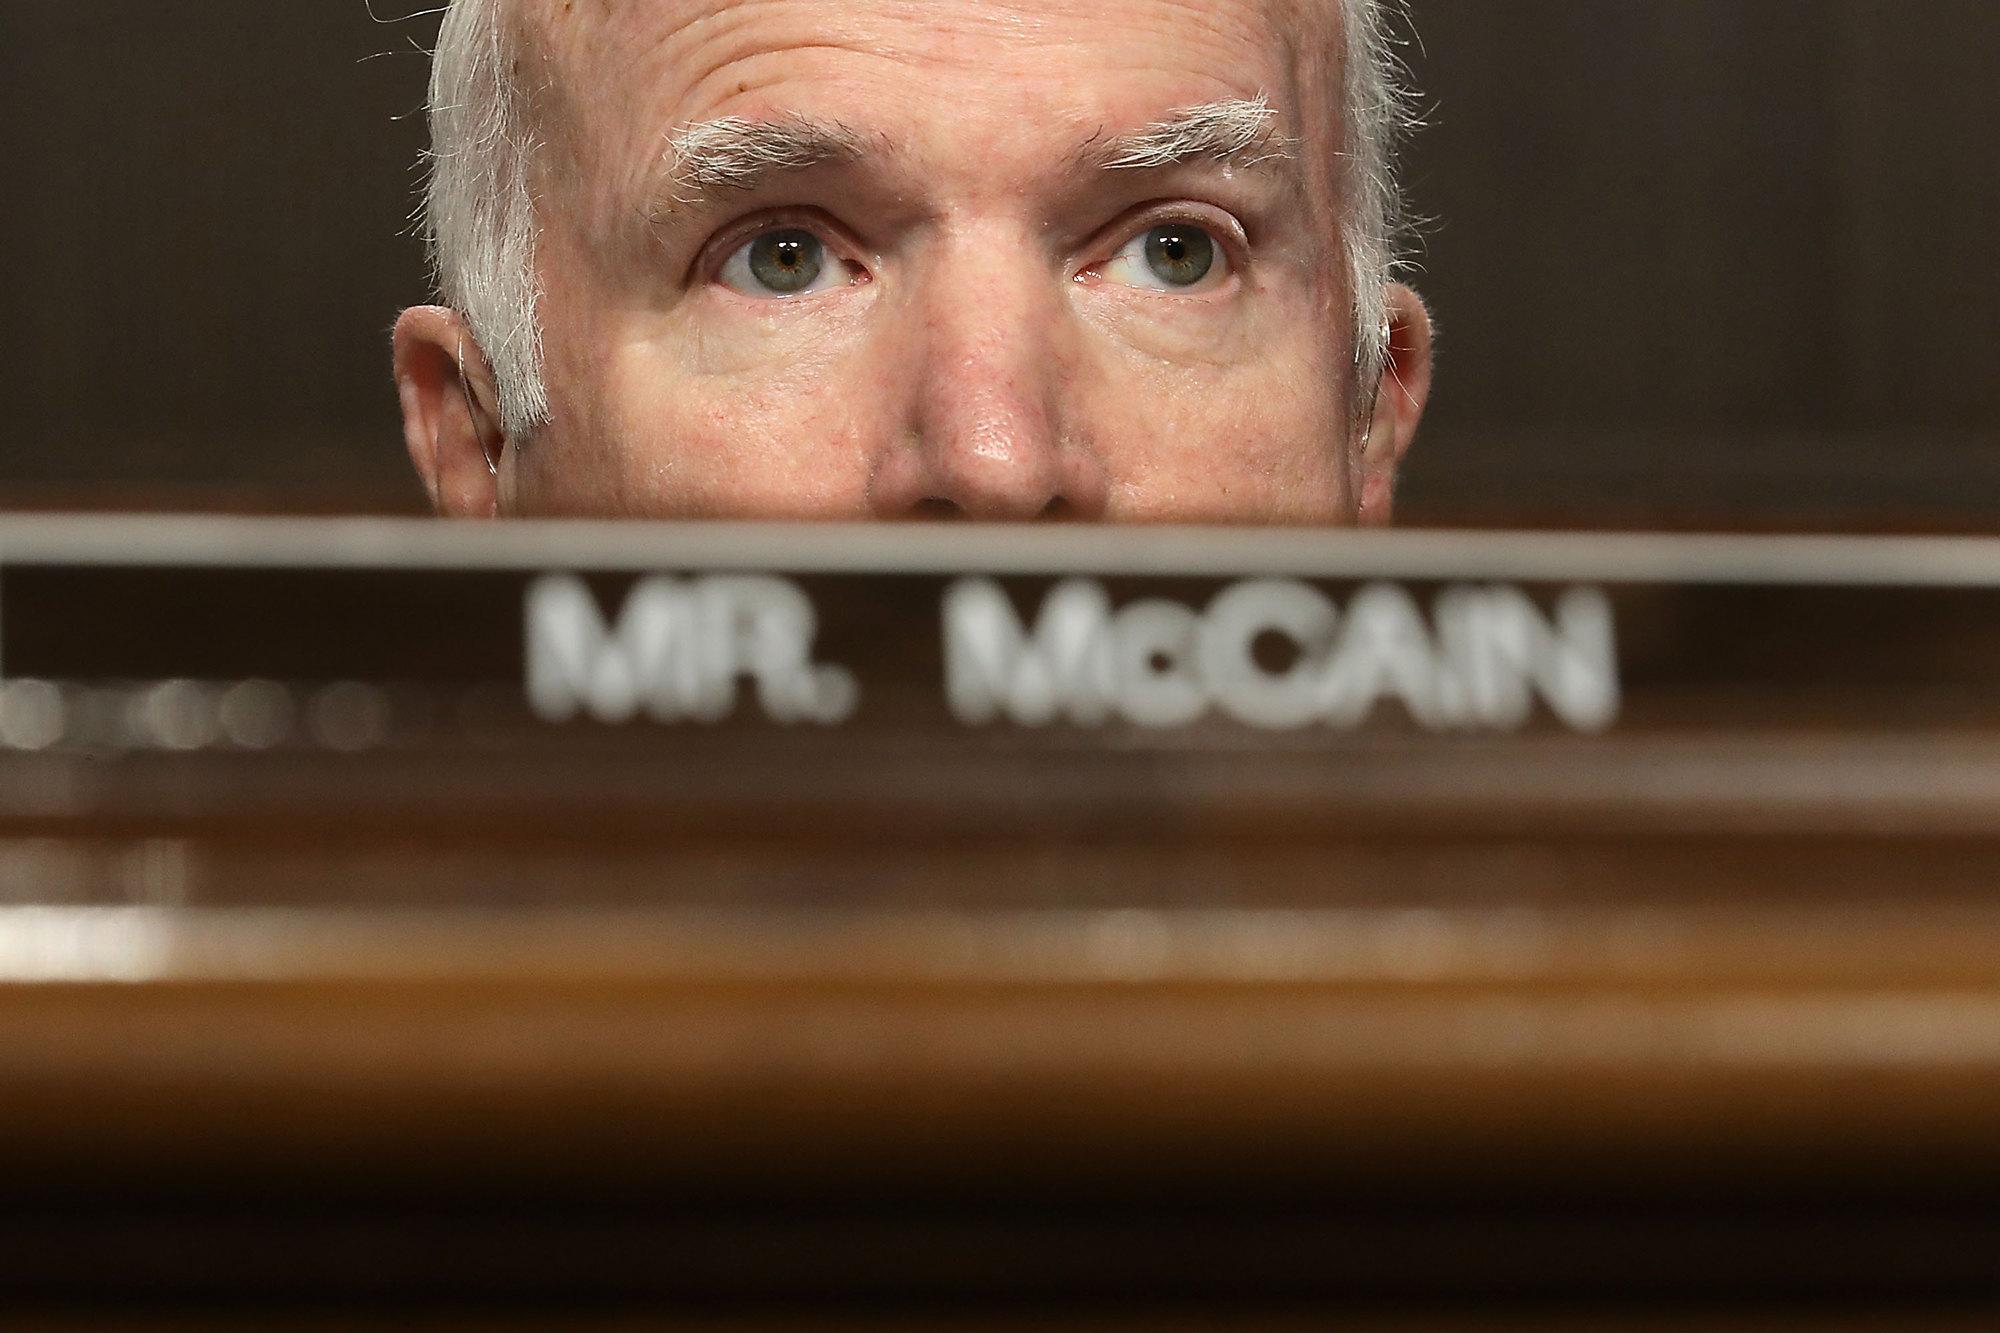 Председатель комитета поВооруженным силам Джон Маккейн проводит слушания повопросу утверждения вдолжности министра армии США, ноябрь 2017 г.